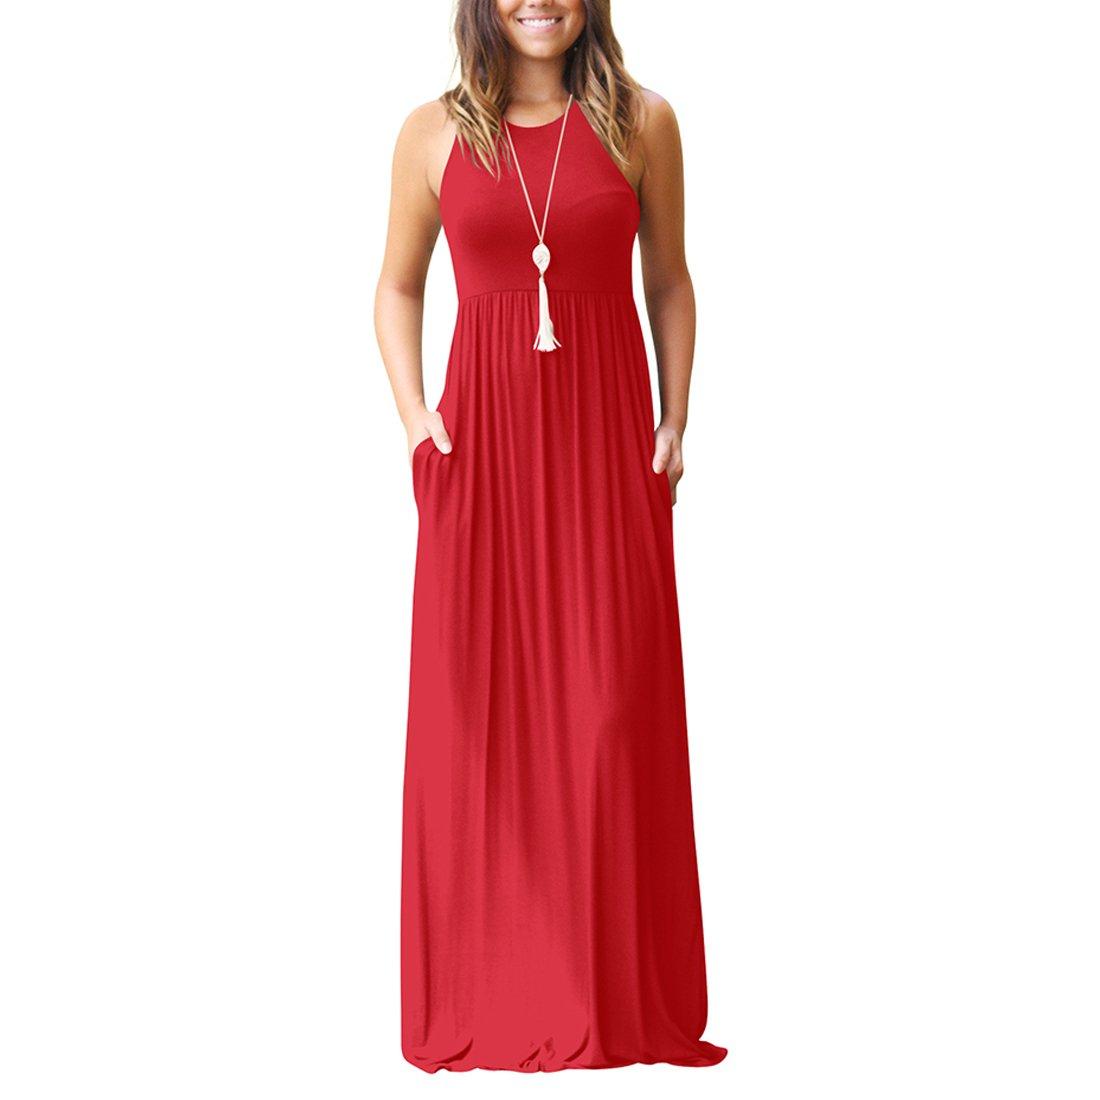 Aro Lora Women's Casual Sleeveless O Neck Ruffle Tank Long Maxi Dress with Pockets 6510